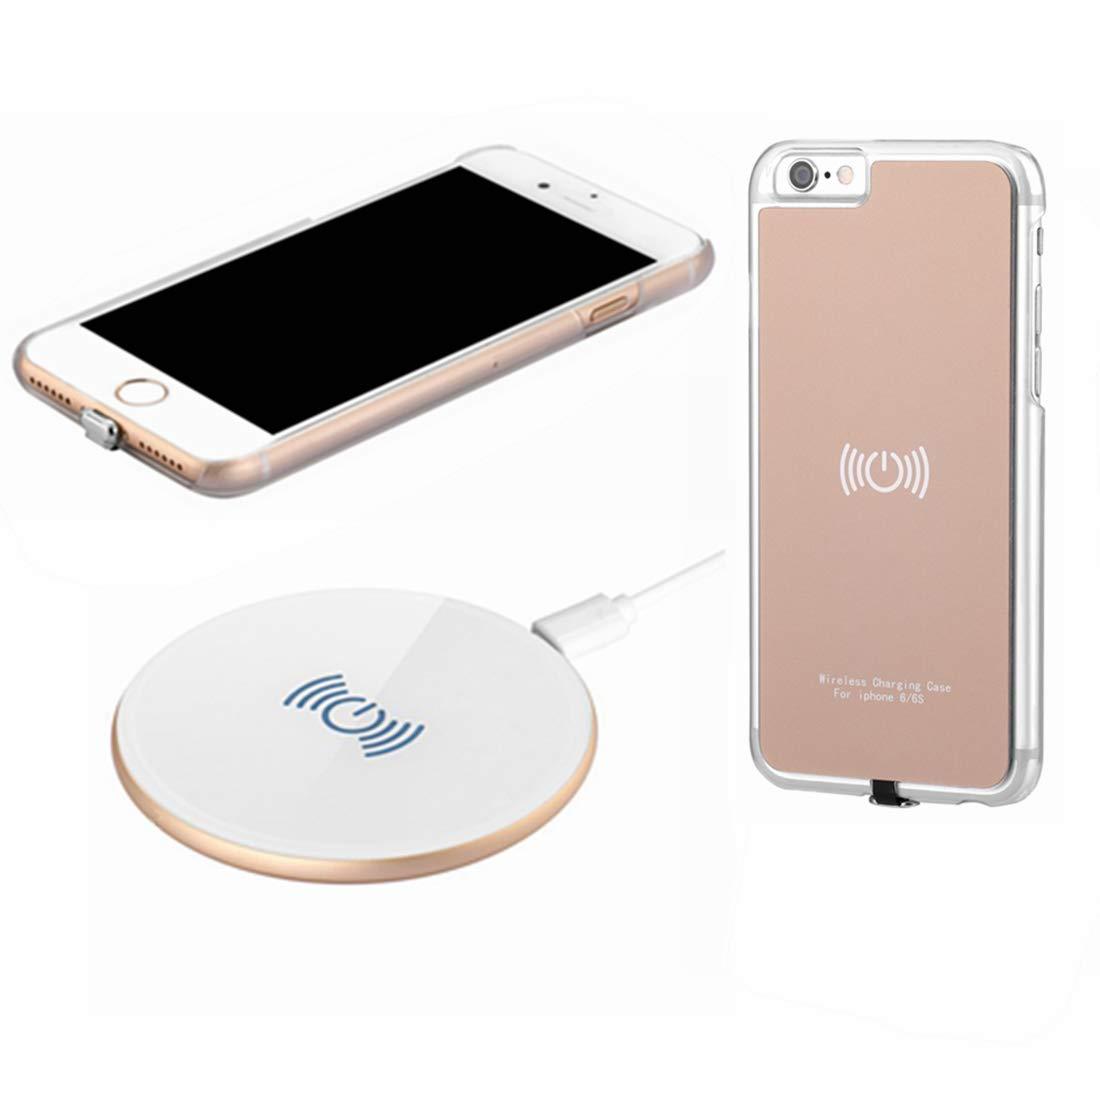 hanende Kit de Cargador Inalámbrico para iPhone 6, [Sleep-Friendly] Qi Cargador Inalámbrico y Receptor Inalámbrico Caso para iPhone 6 (Oro Negro)